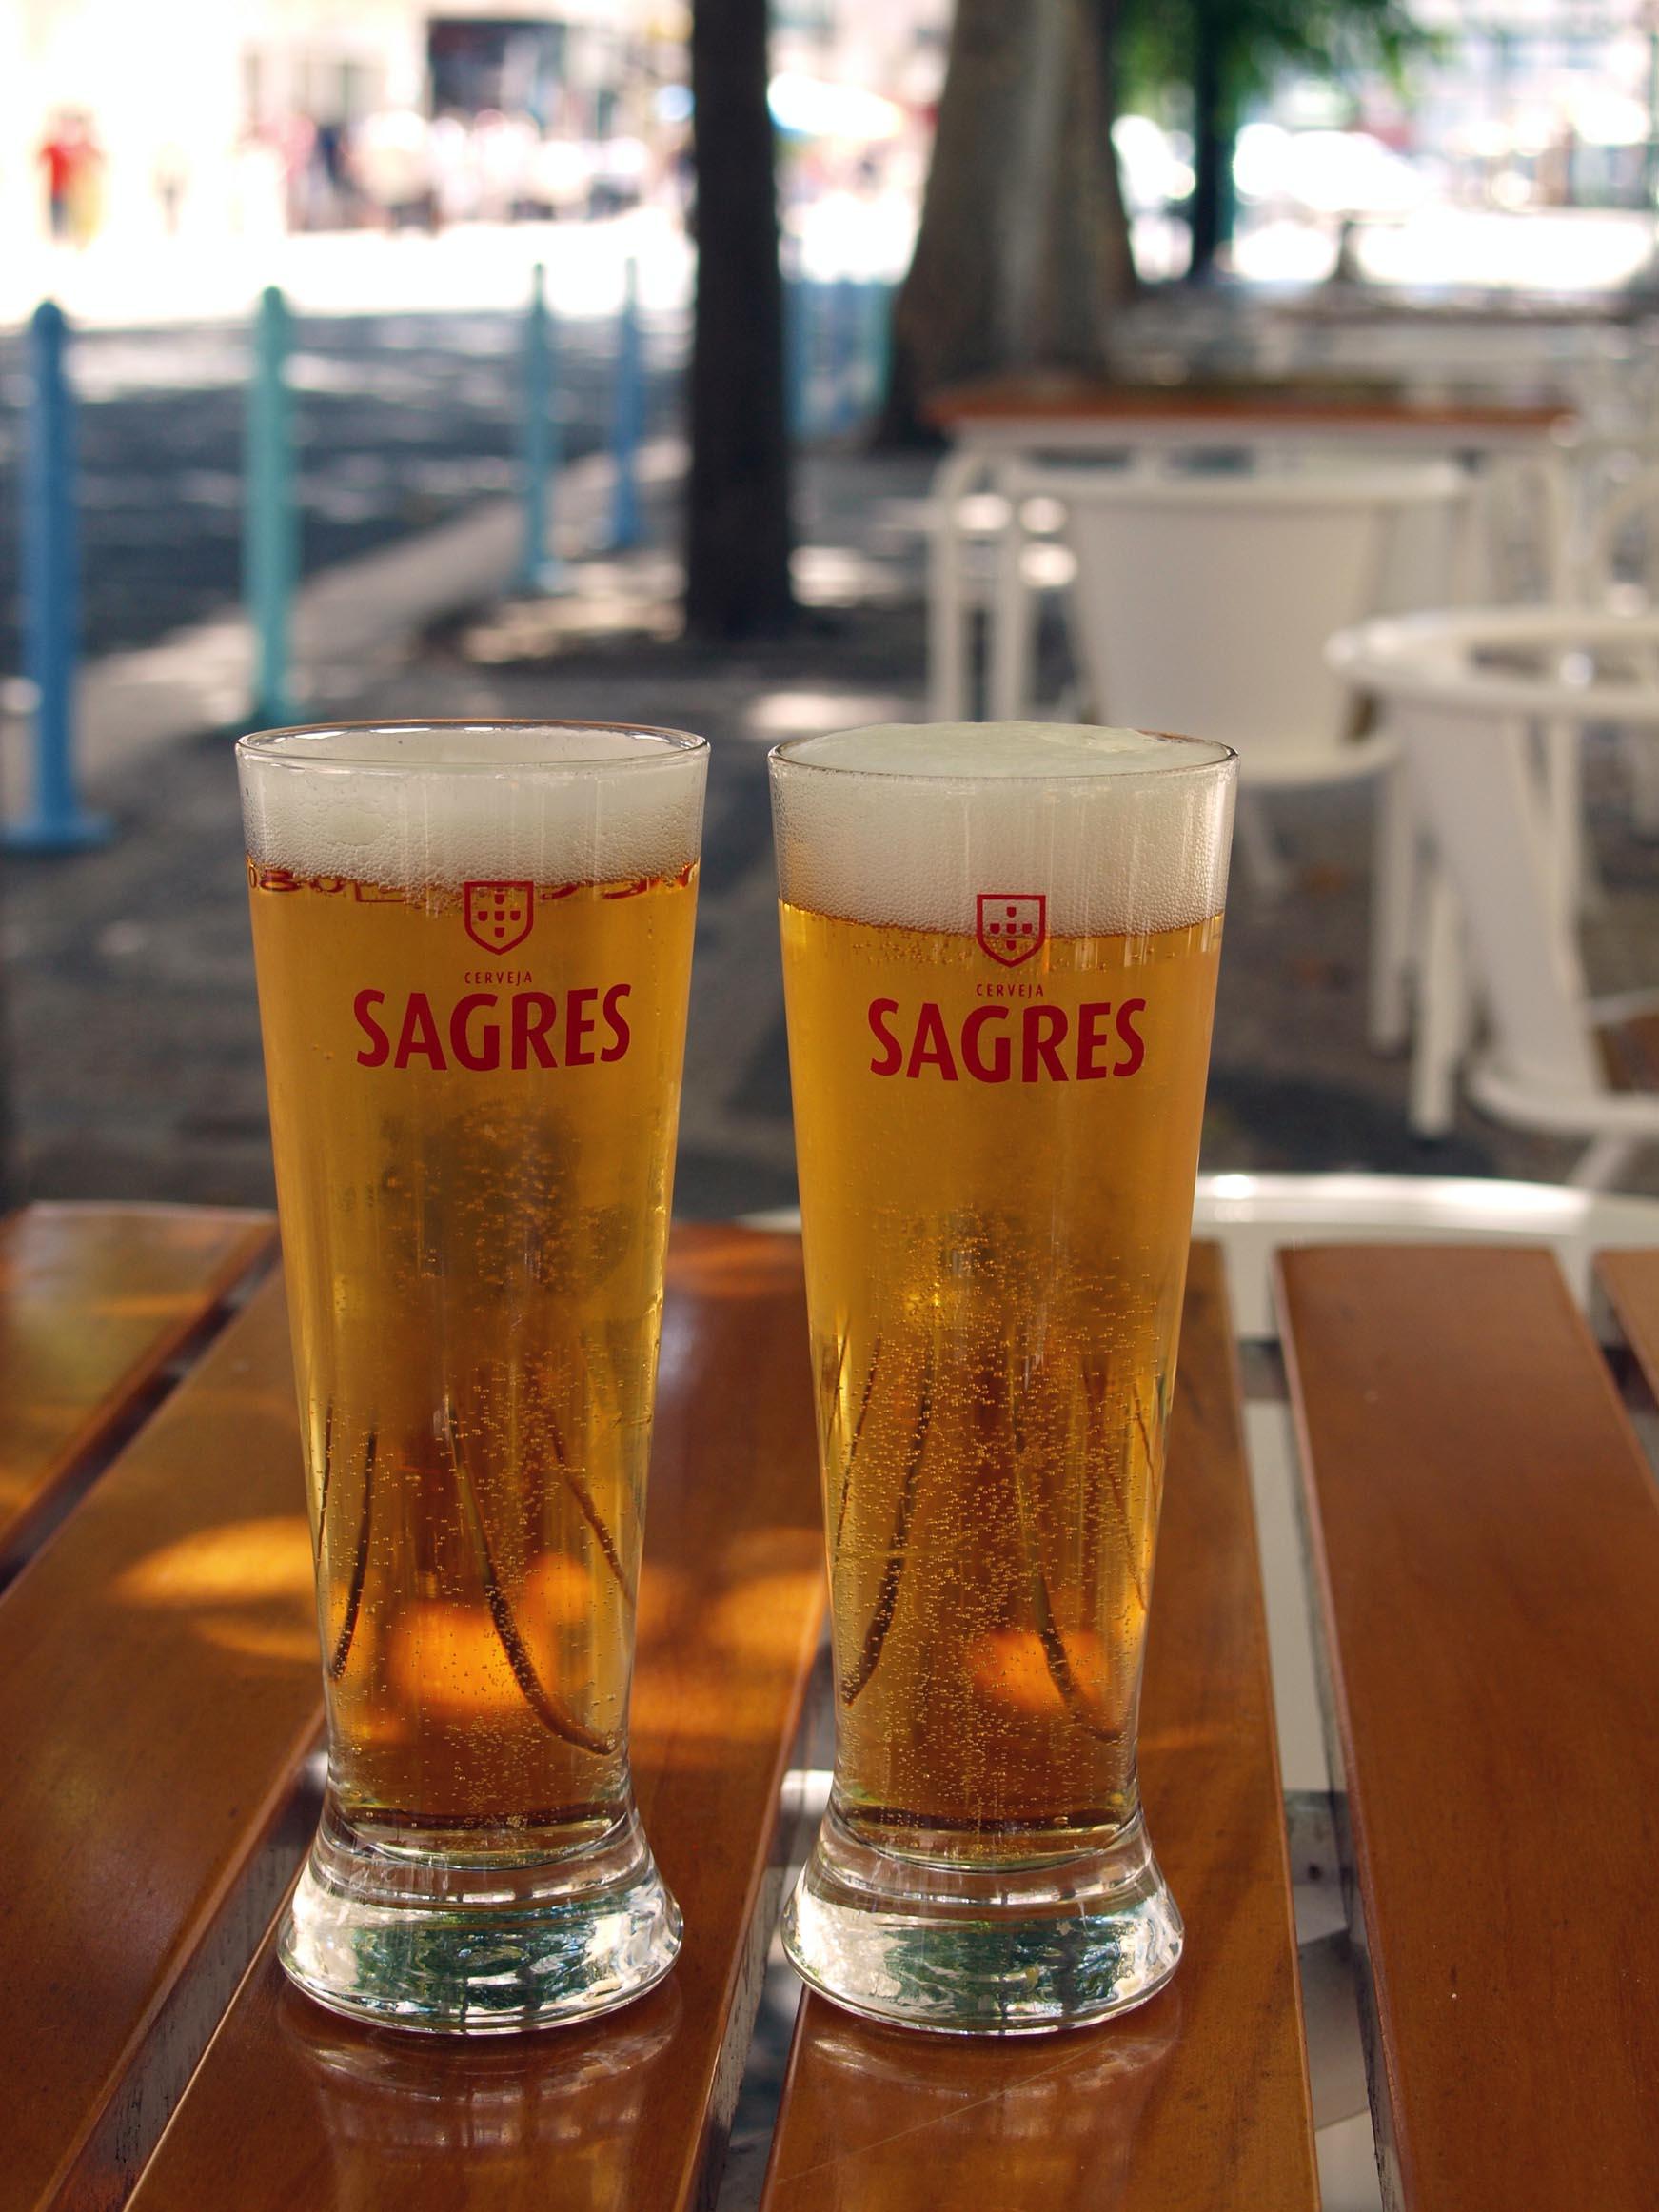 ポルトガル紀行ーーポルトガル国民的ビール!!_c0179785_414654.jpg